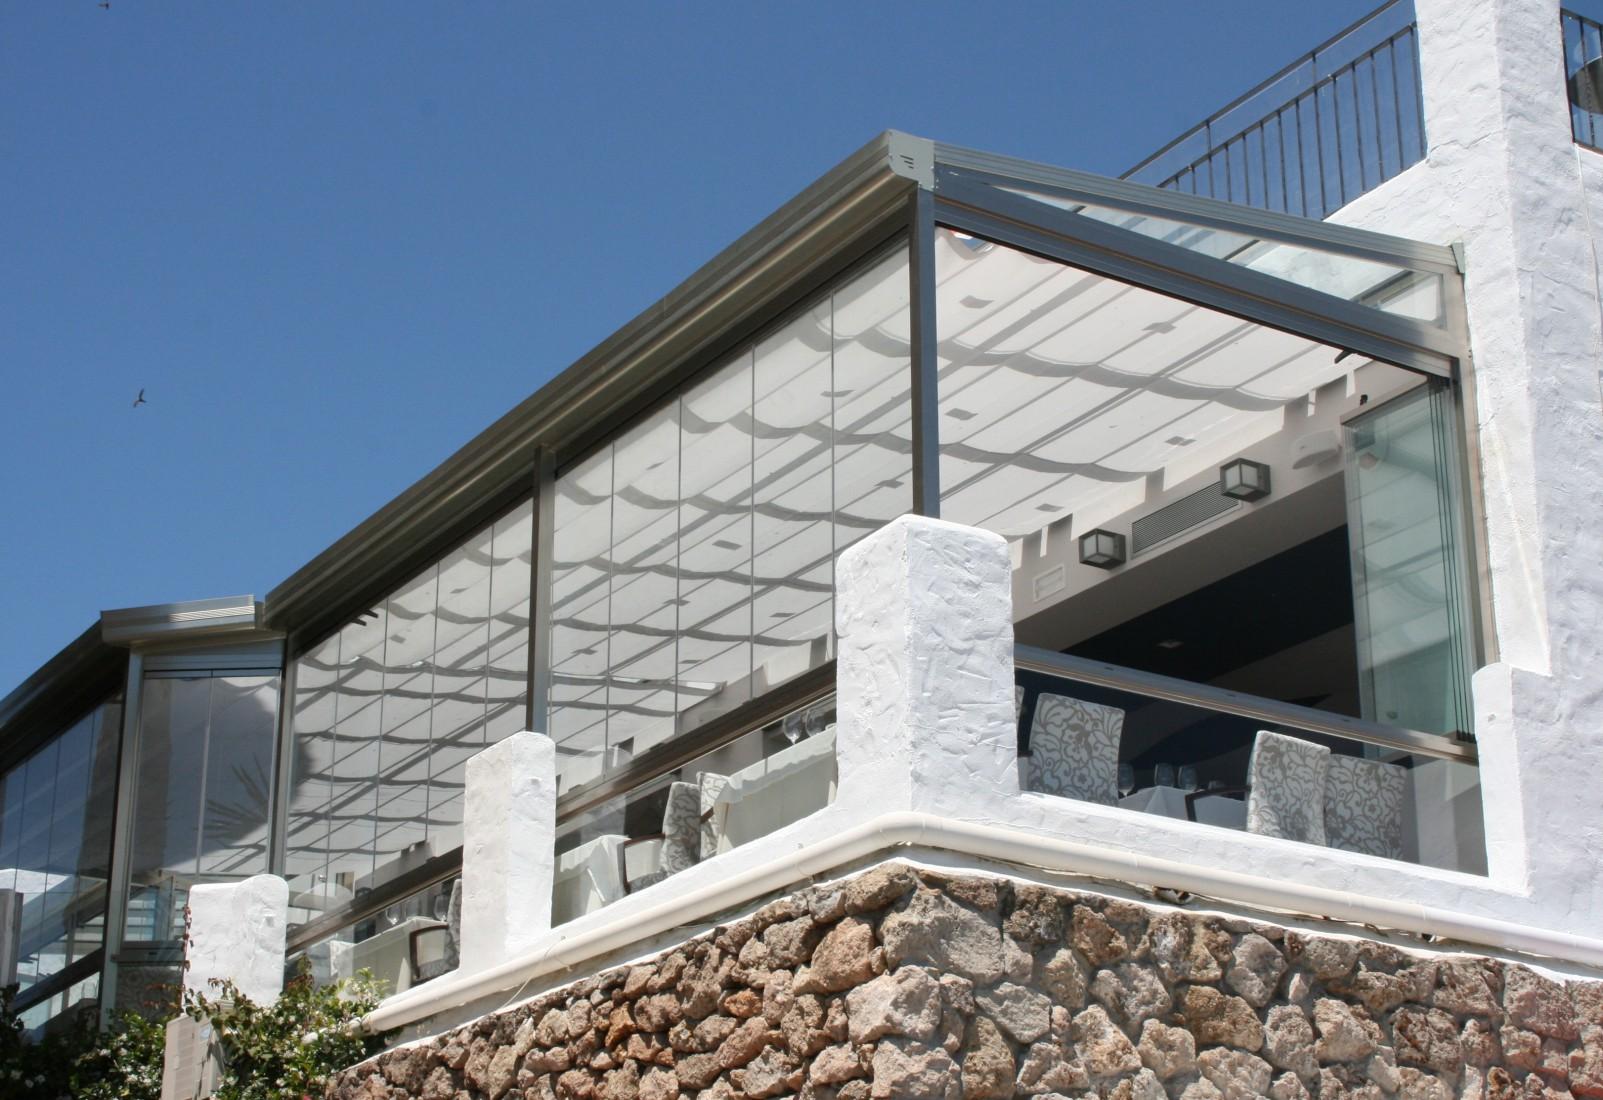 Mugica cierres de cristal cortinas de cristal donostia san sebastian gipuzkoa - Techos de vidrio para terrazas ...